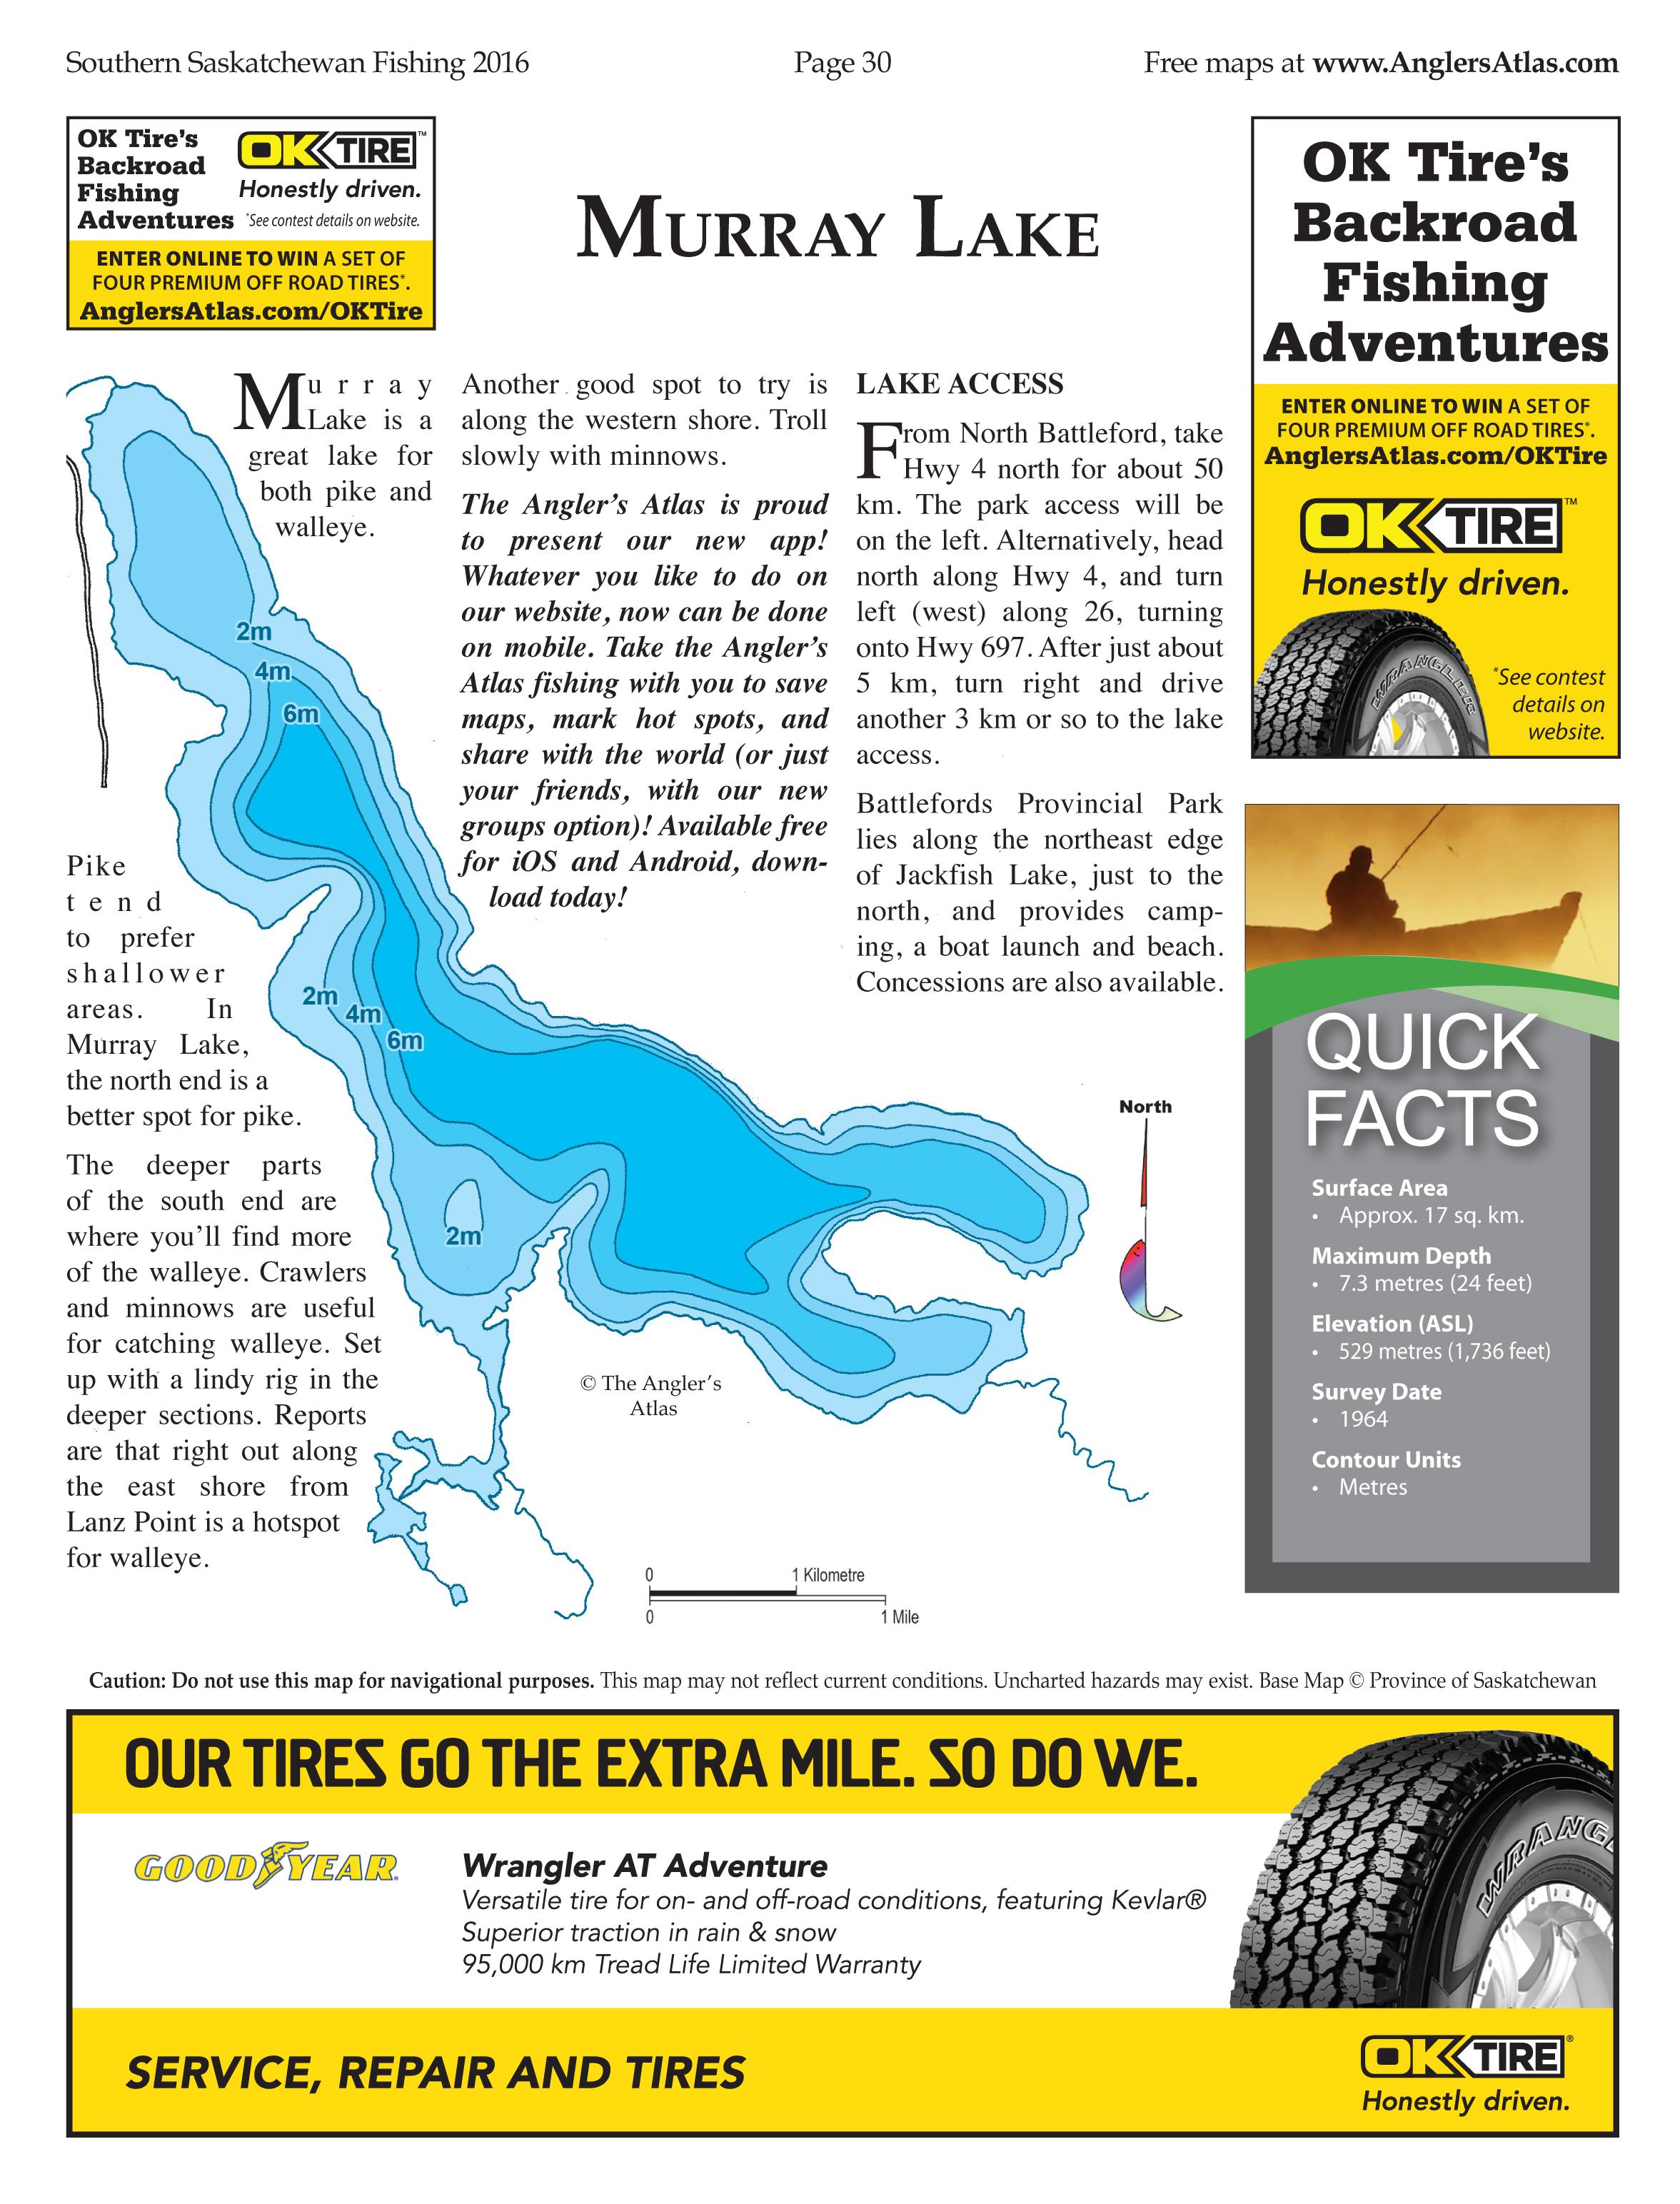 Murray Lake Free Maps | Angler's Atlas